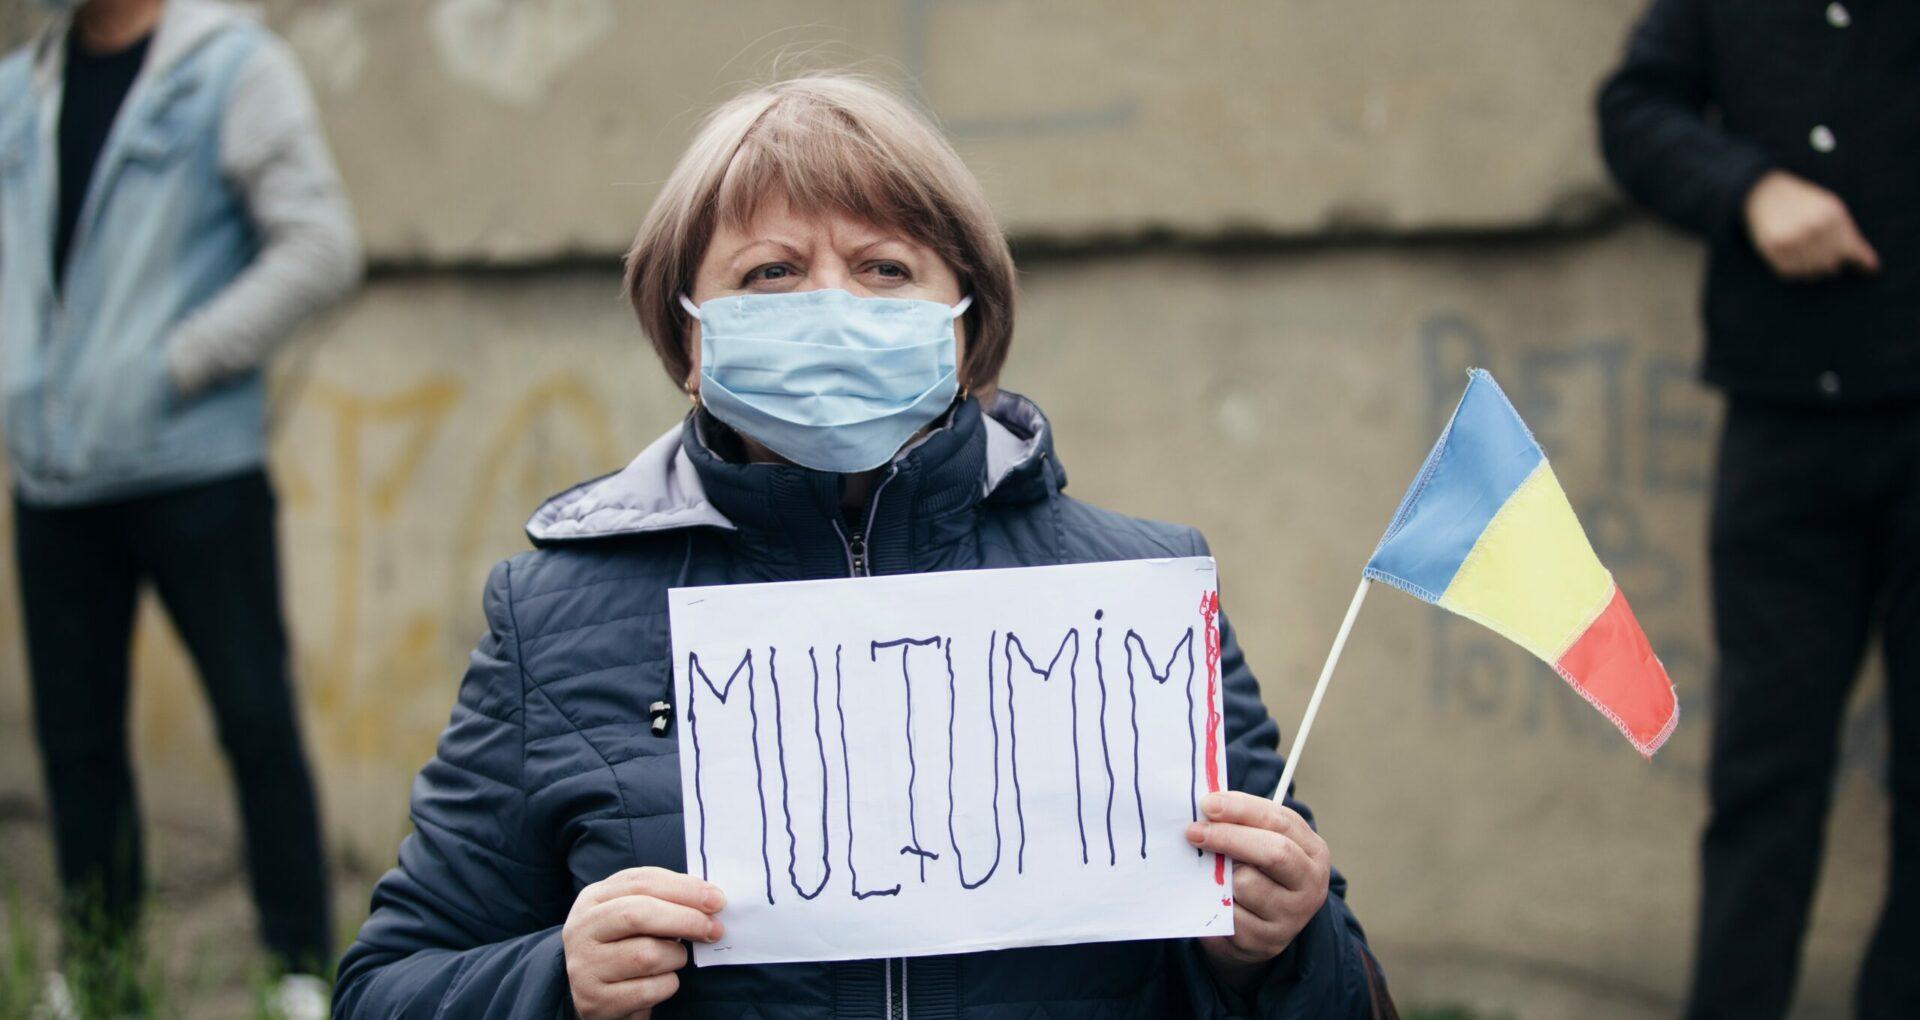 """FOTOREPORTAJ/ """"România, mulțumim!"""". Cum au întâmpinat oamenii ajutorul umanitar de peste Prut"""